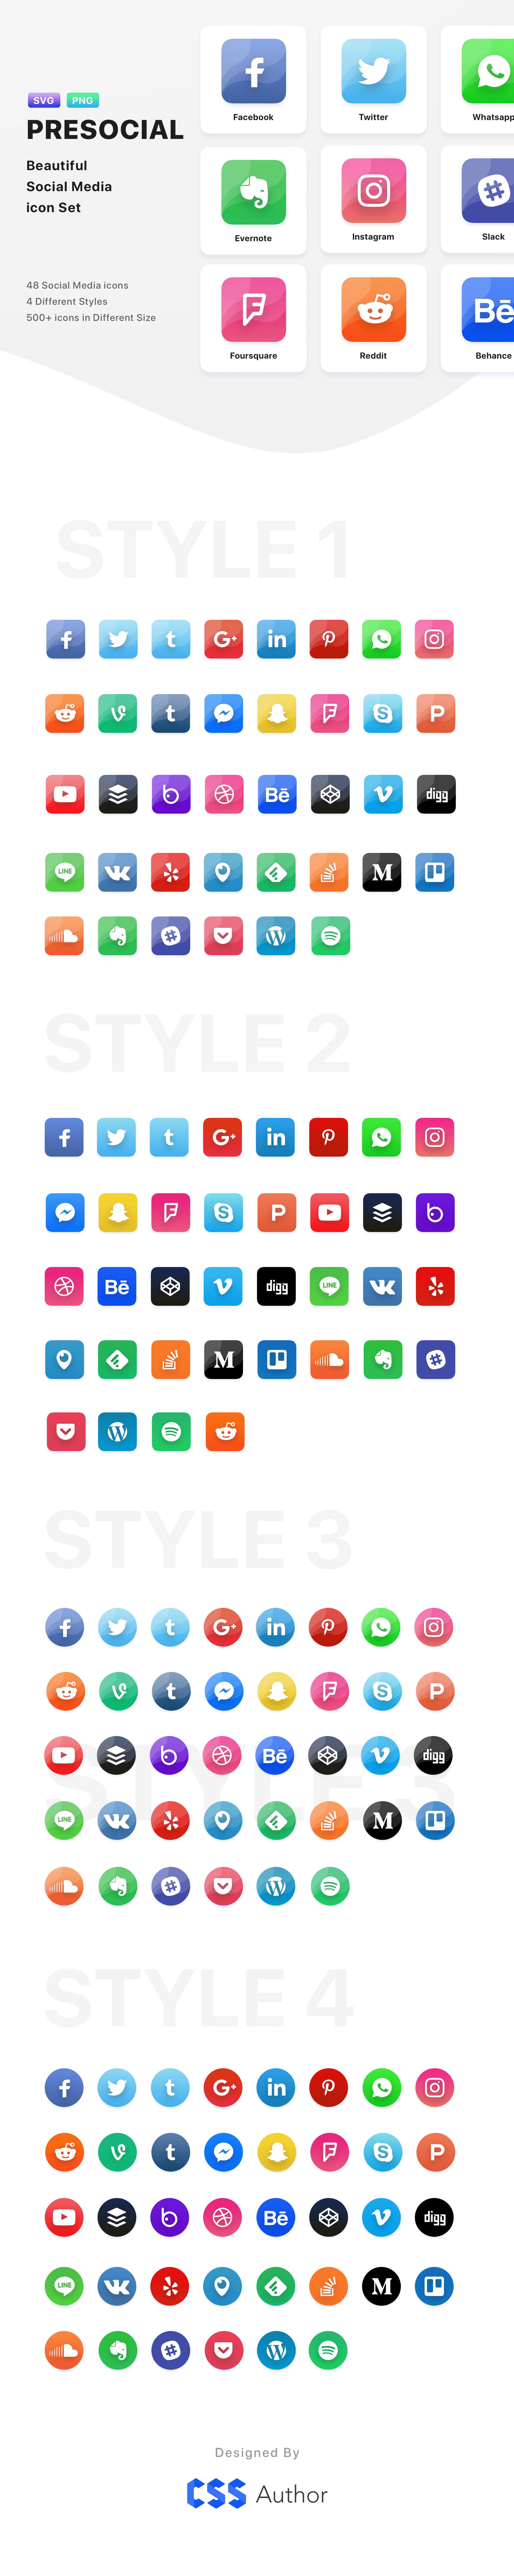 PRESOCIAL Free Social Media Iconset Social media